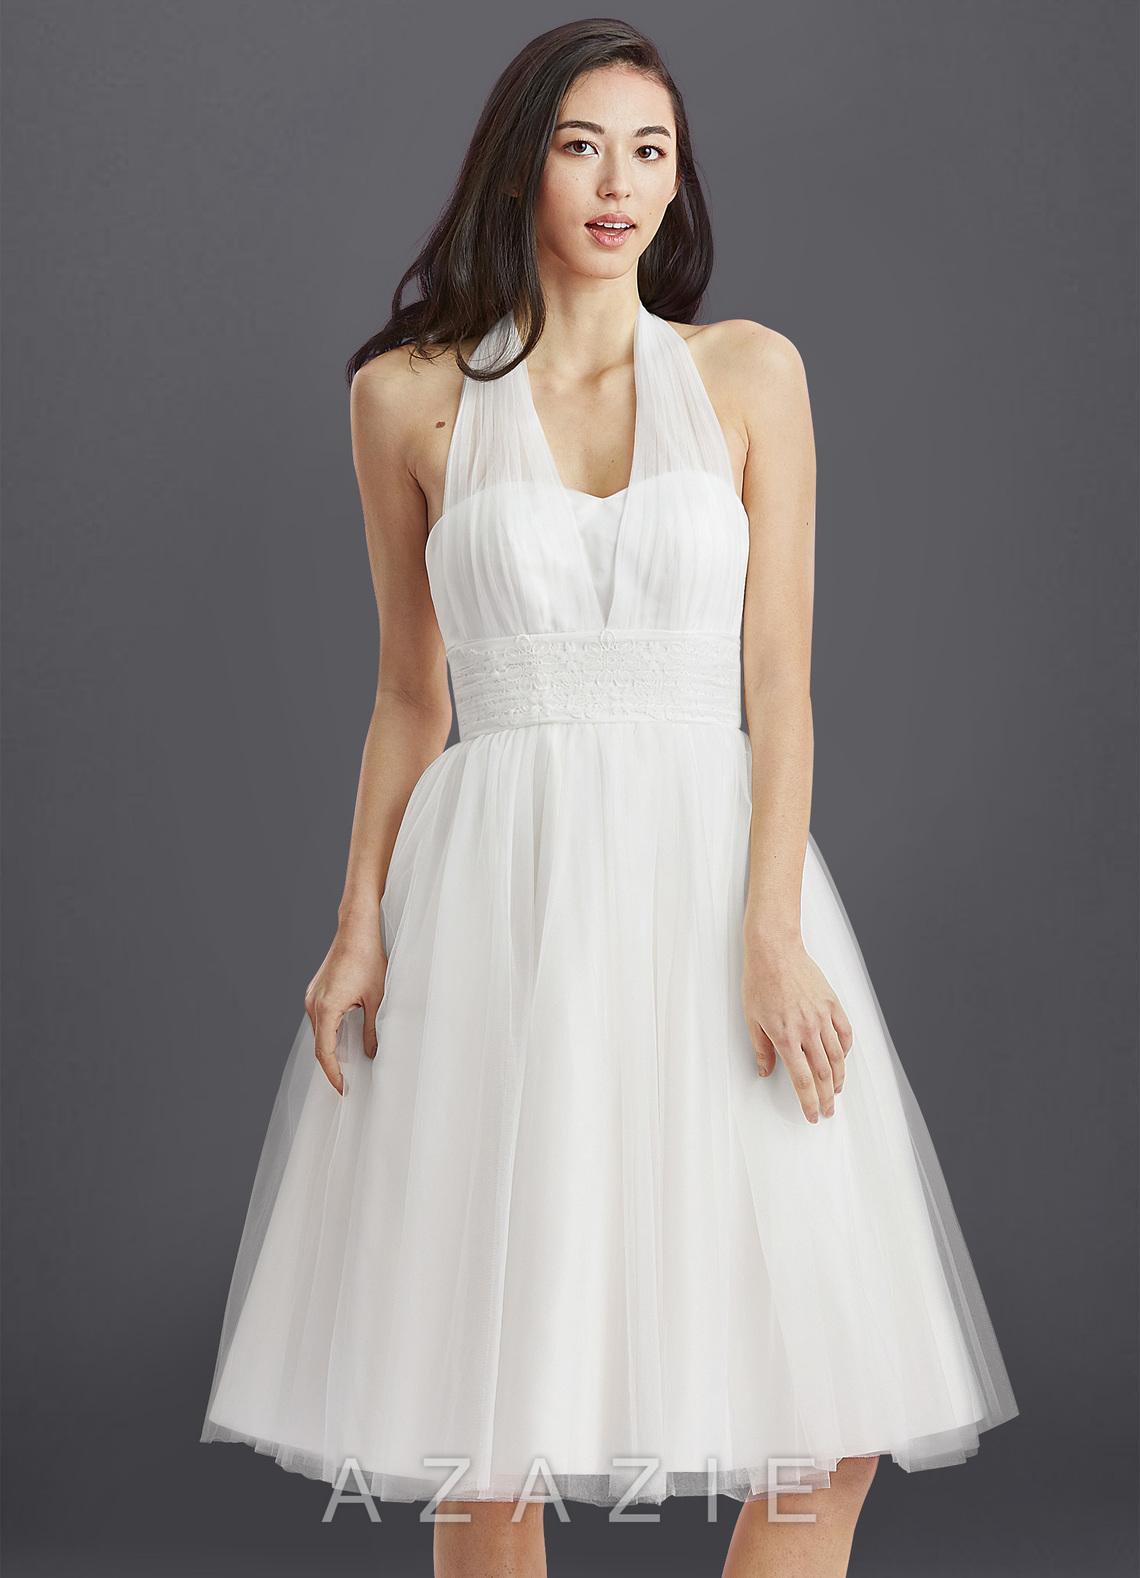 507d59324 Azazie Fabiana BG Wedding Dress   Azazie